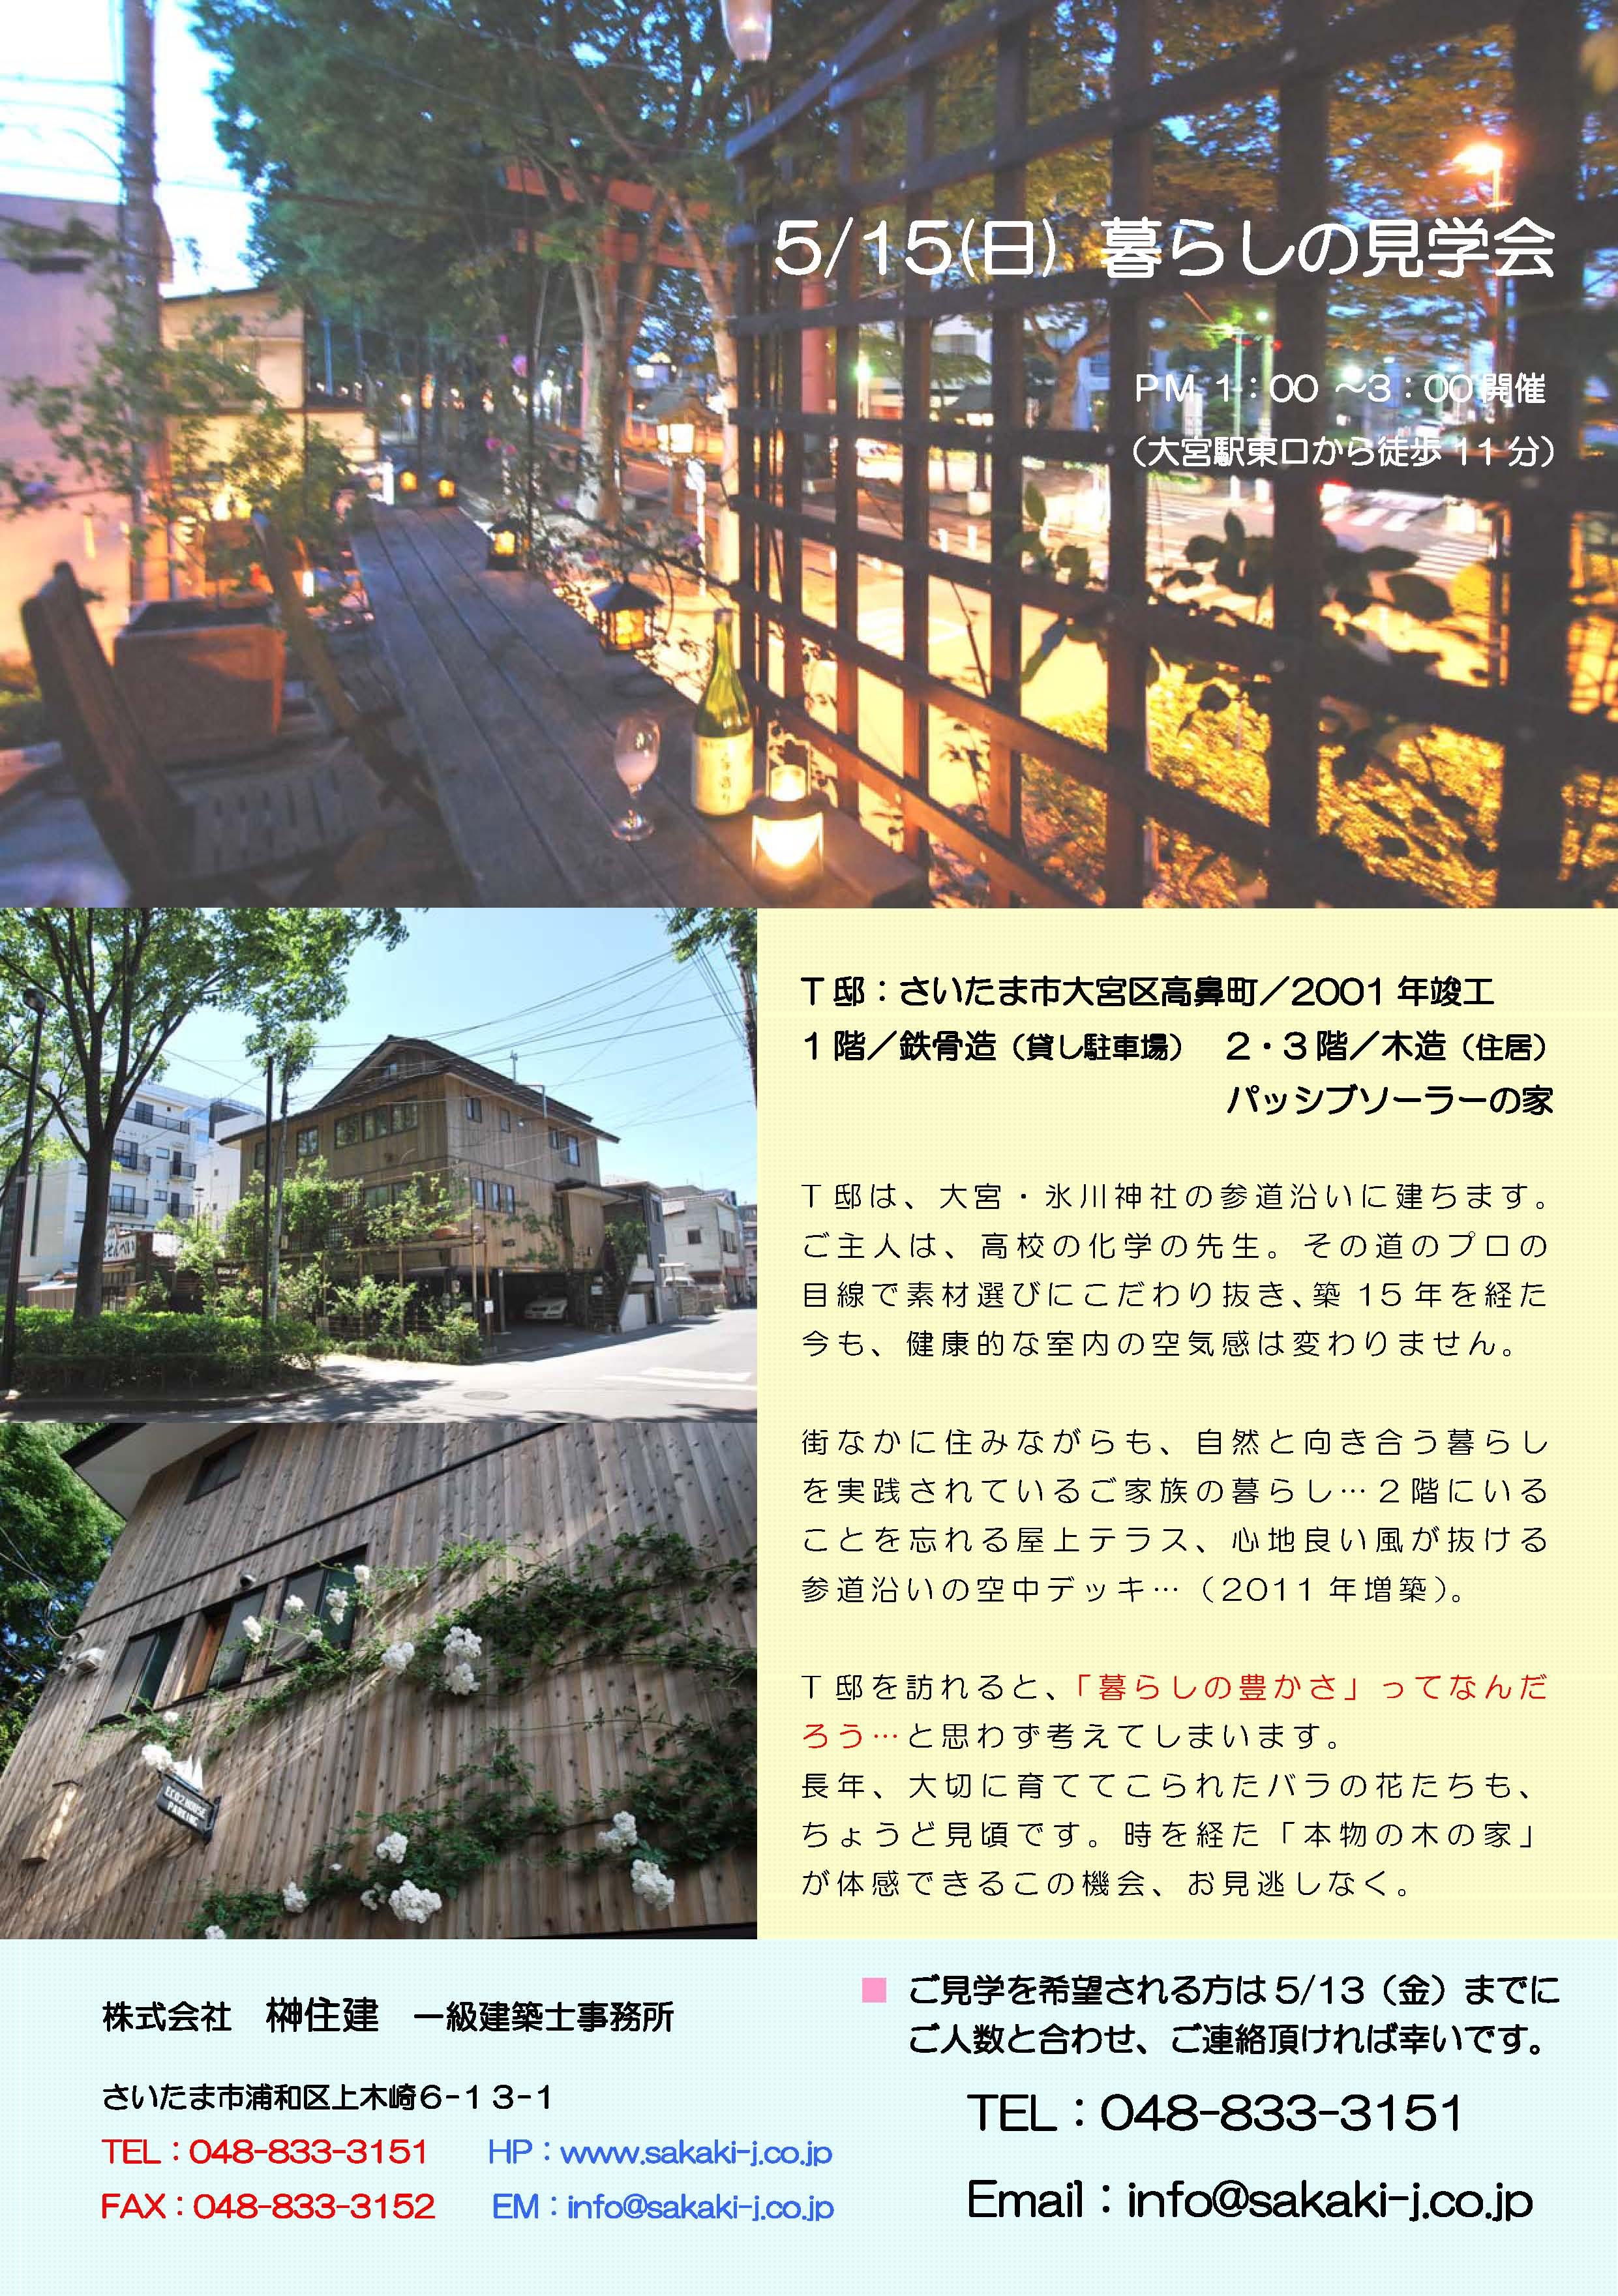 5/15(日) 【暮らしの見学会】 at さいたま市大宮区